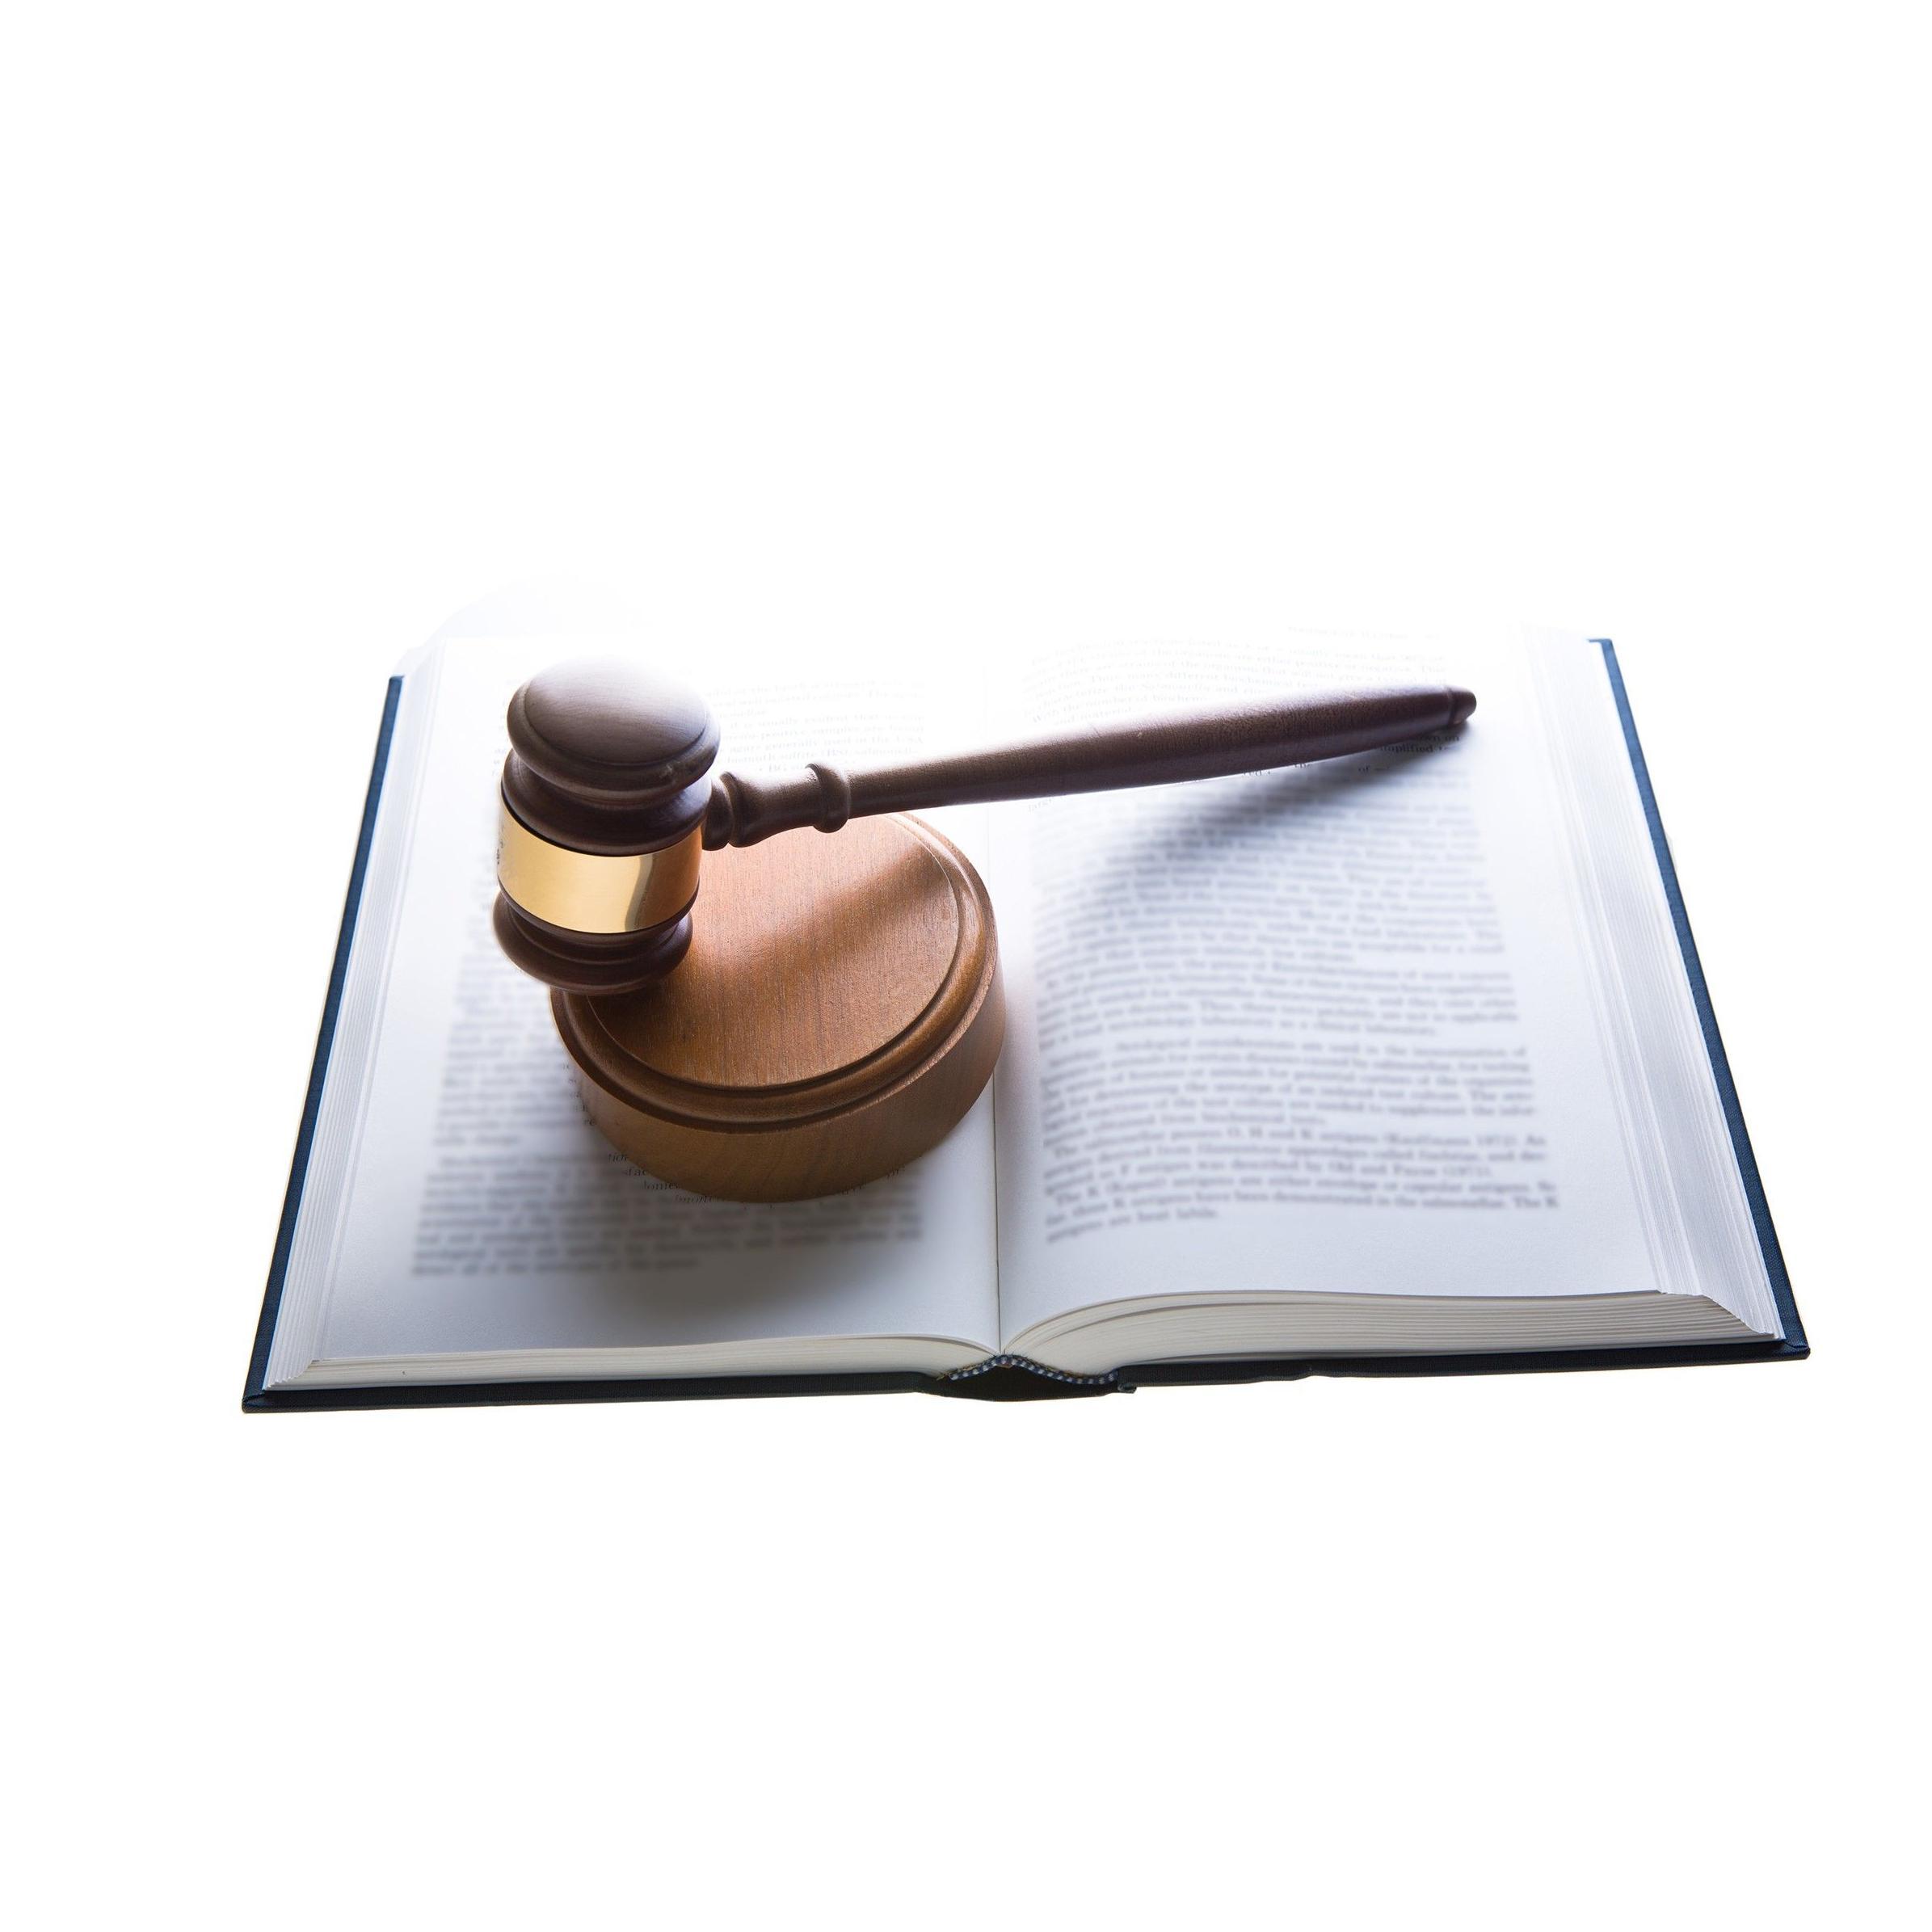 Reclamación de cantidades: Servicios jurídicos de Joaquín Prats Despacho de Abogados